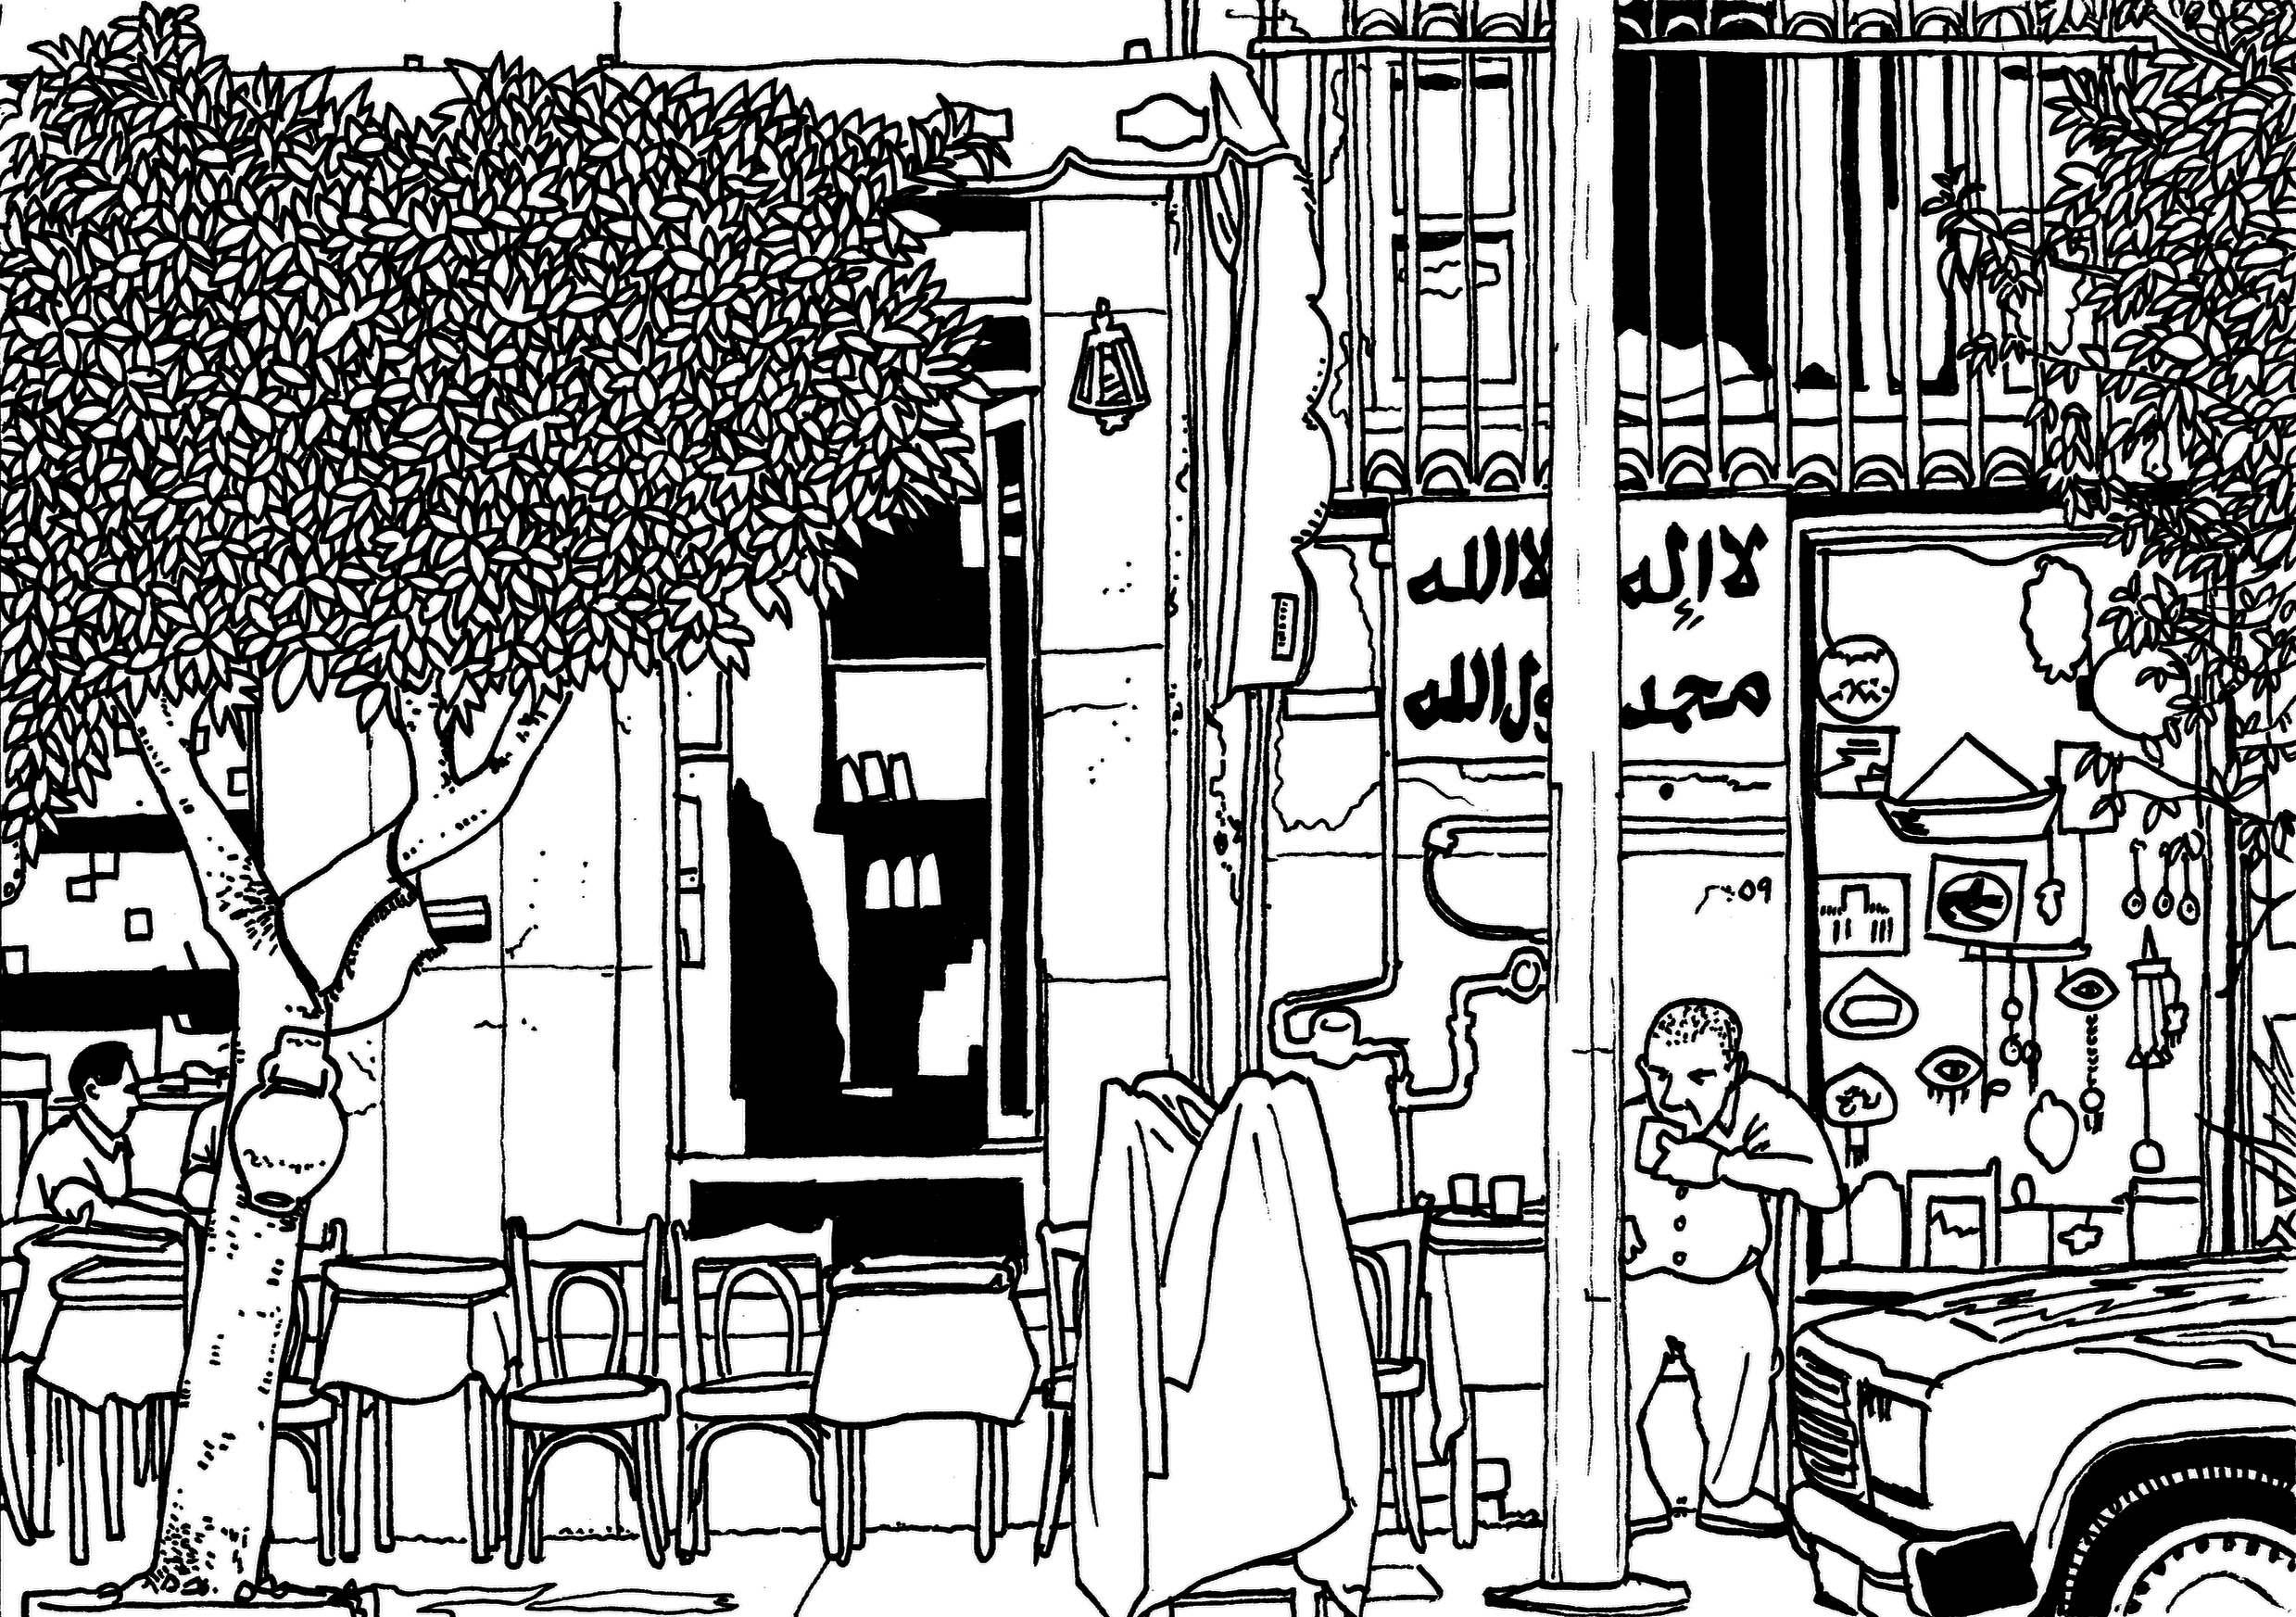 ΚΡΟΜΑ/Ingo Giezendanner GRRRR, Chaixana, Alexandria Egypt, 2011, pigmented ink on paper, 14,8x21cm